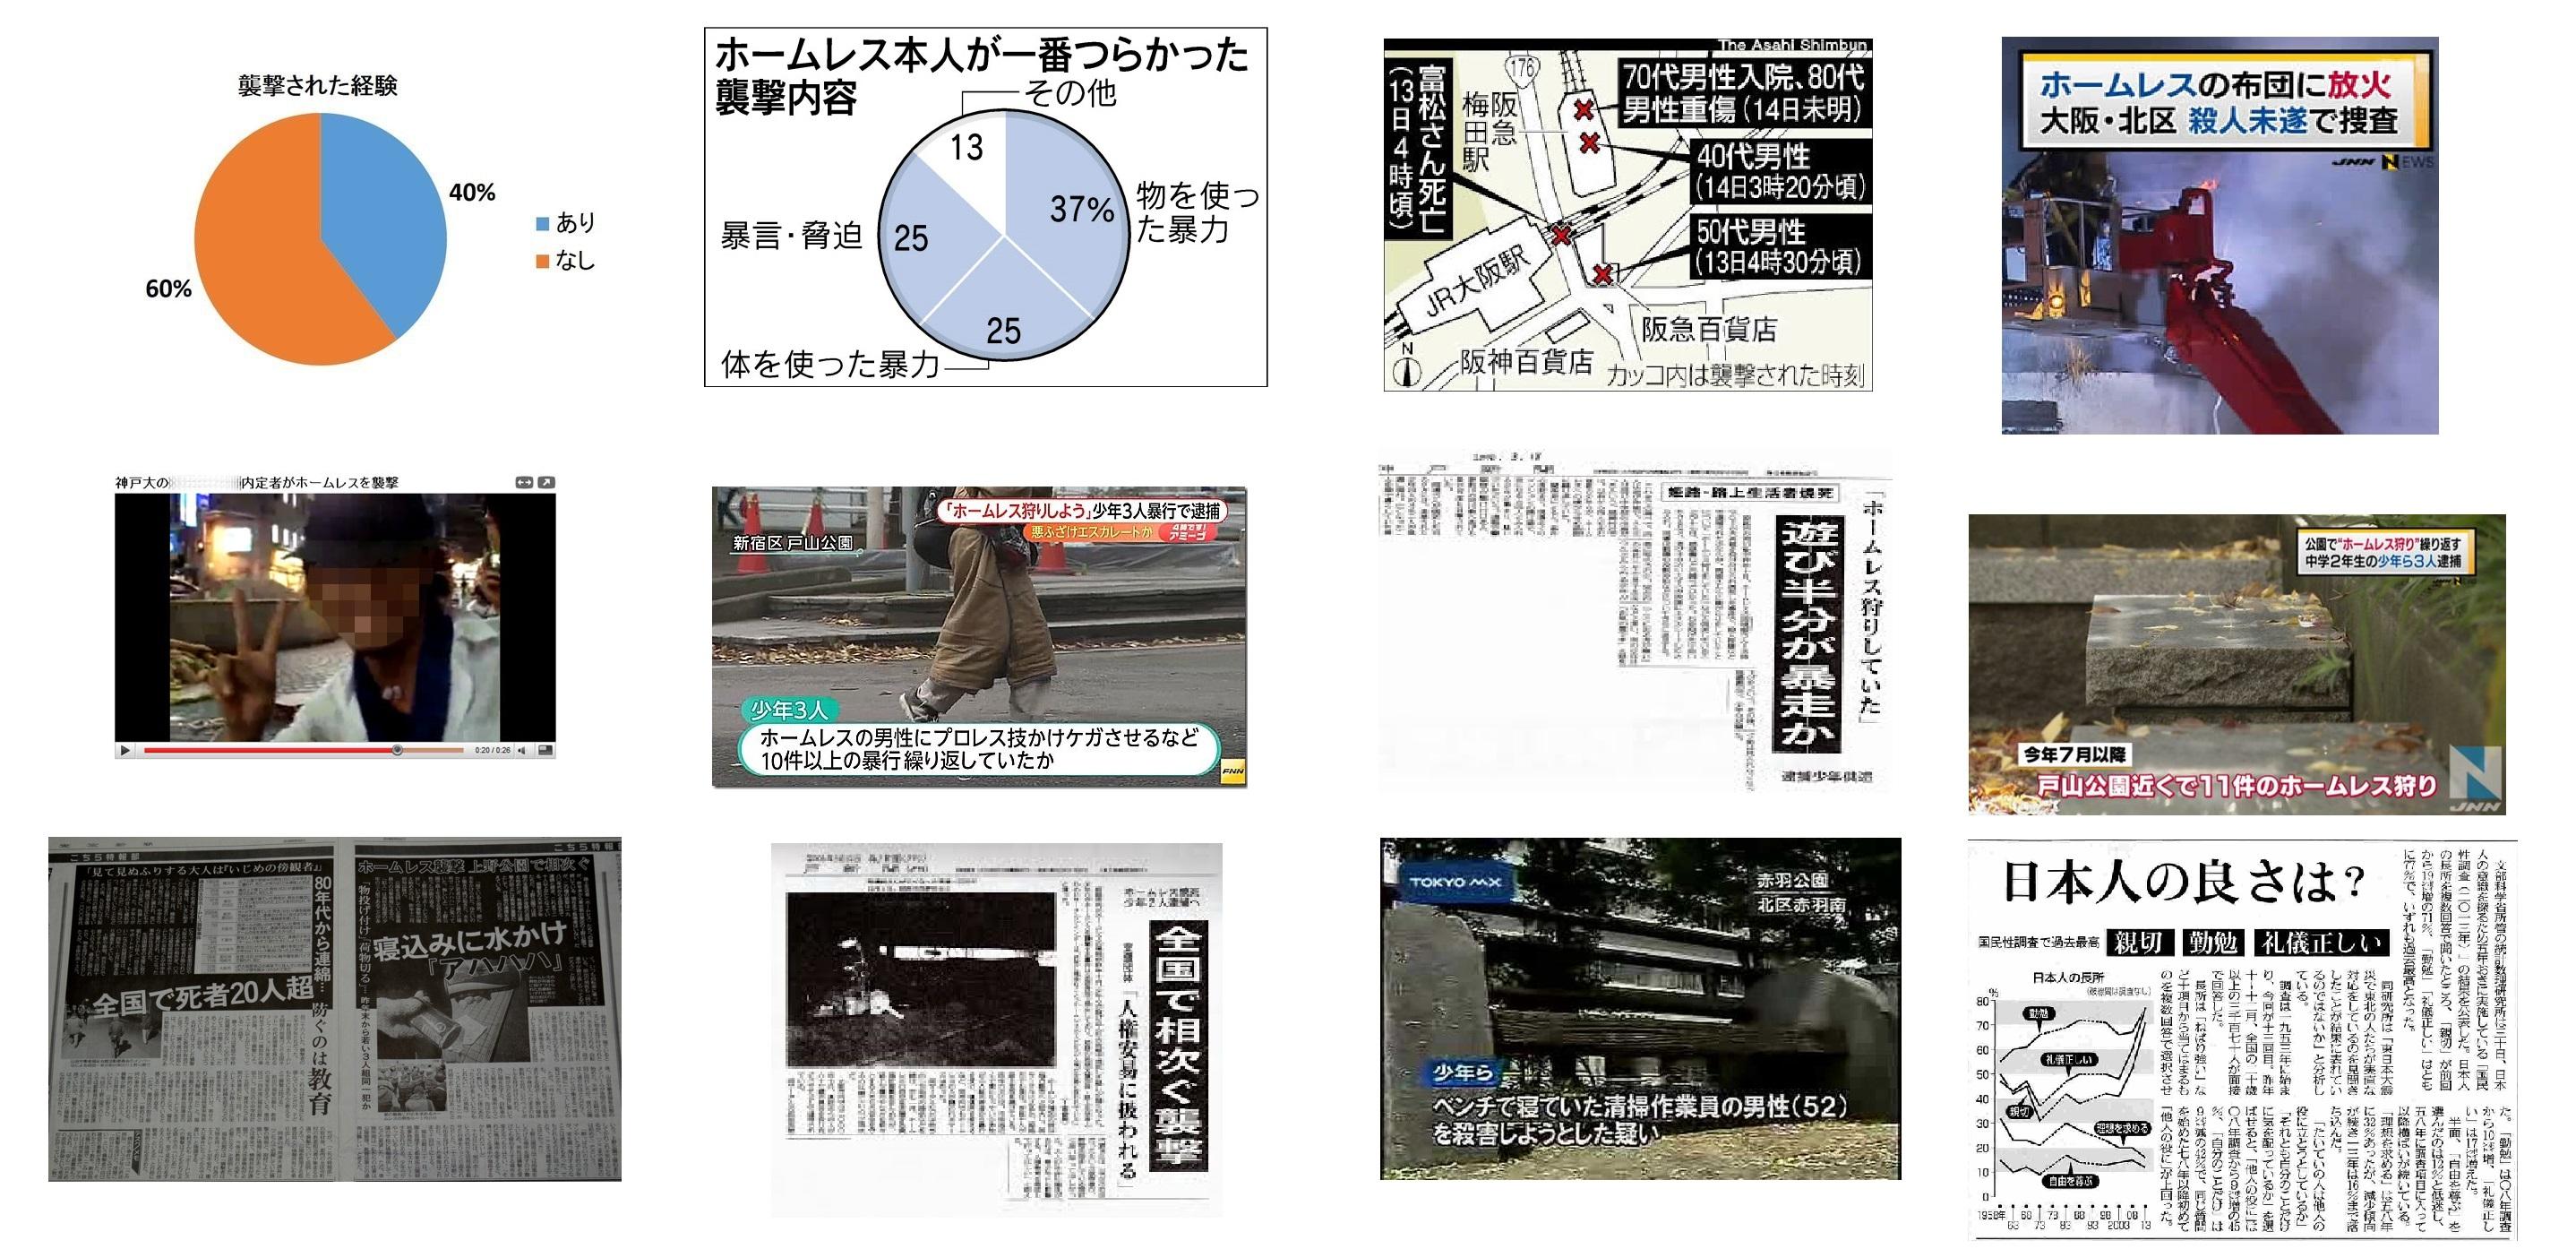 f:id:JAPbuster:20160504124254j:plain